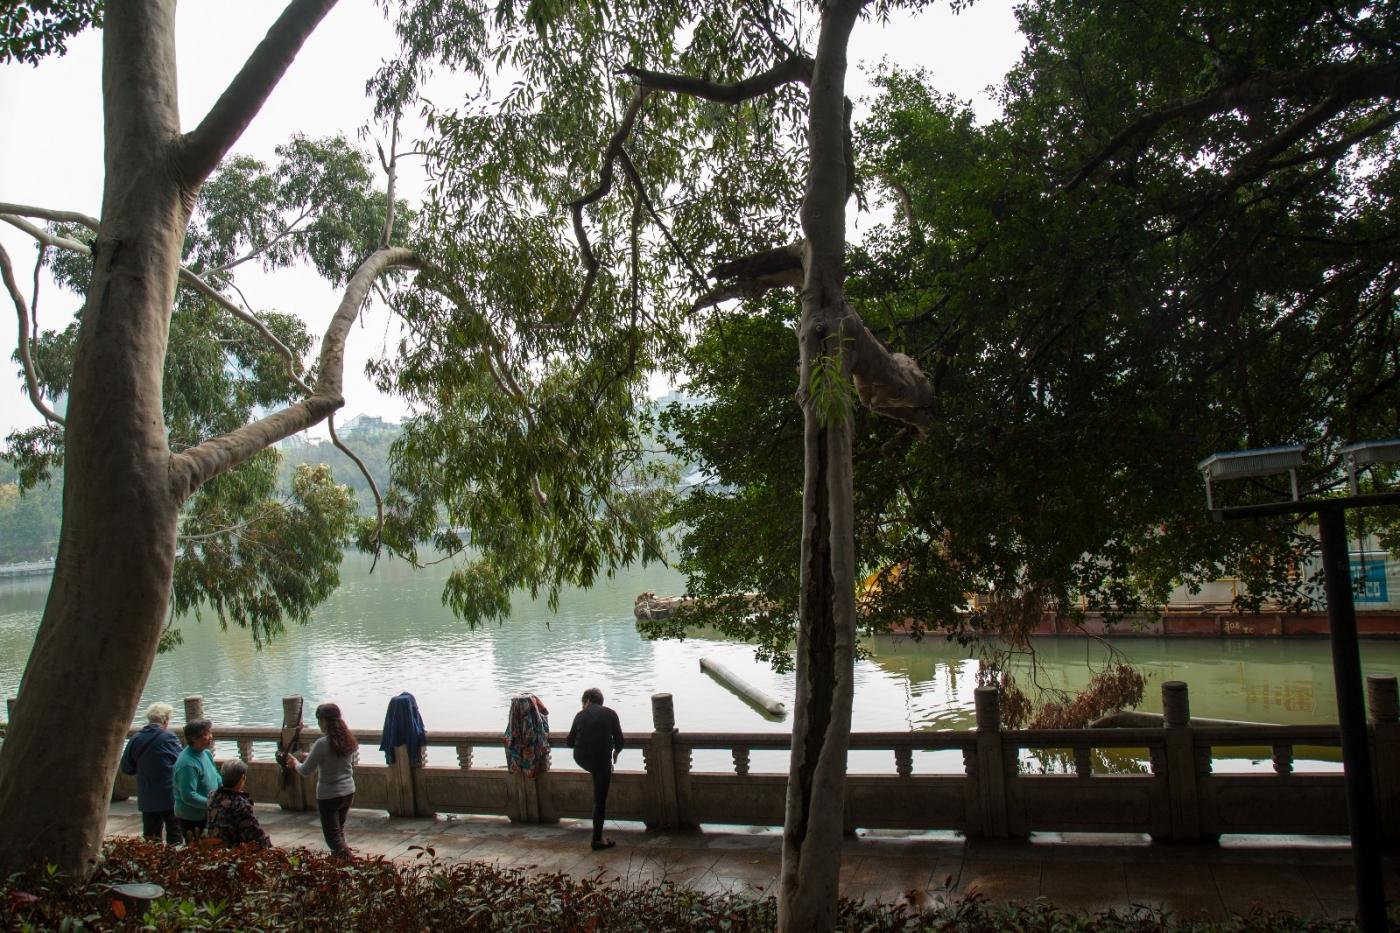 福州西湖公园,美景如画,赏心悦目,流连忘返_图1-11